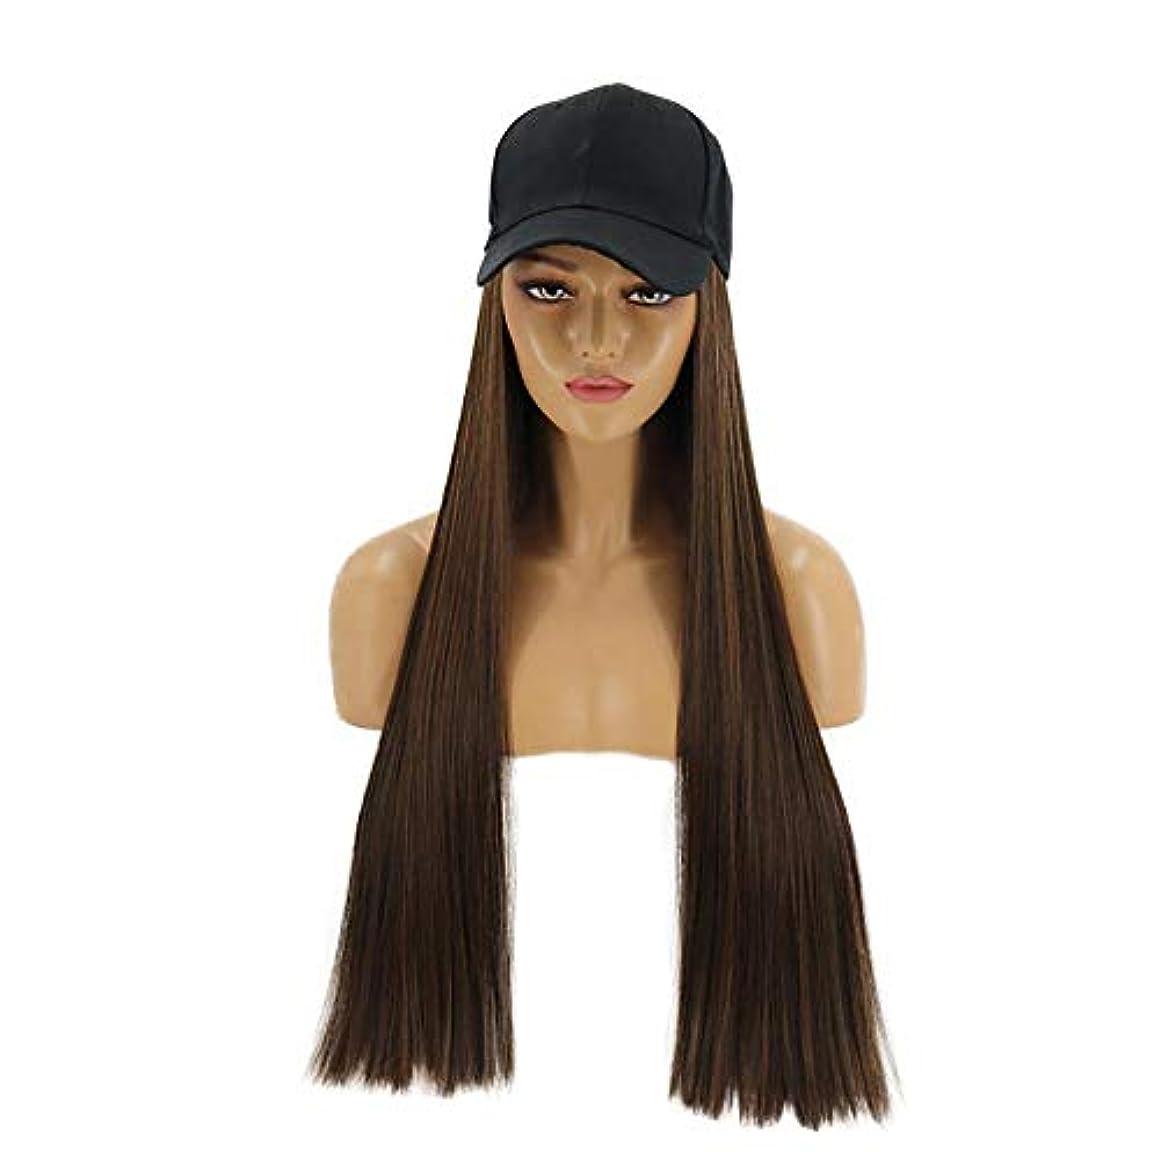 二十衝突するラッチHAILAN HOME-かつら ライトブラウンファッションの女性ウィッグワンピース帽子ウィッグ先見Unbowed髪ハット62センチメートルワンピース取り外し可能 (色 : Light brown)